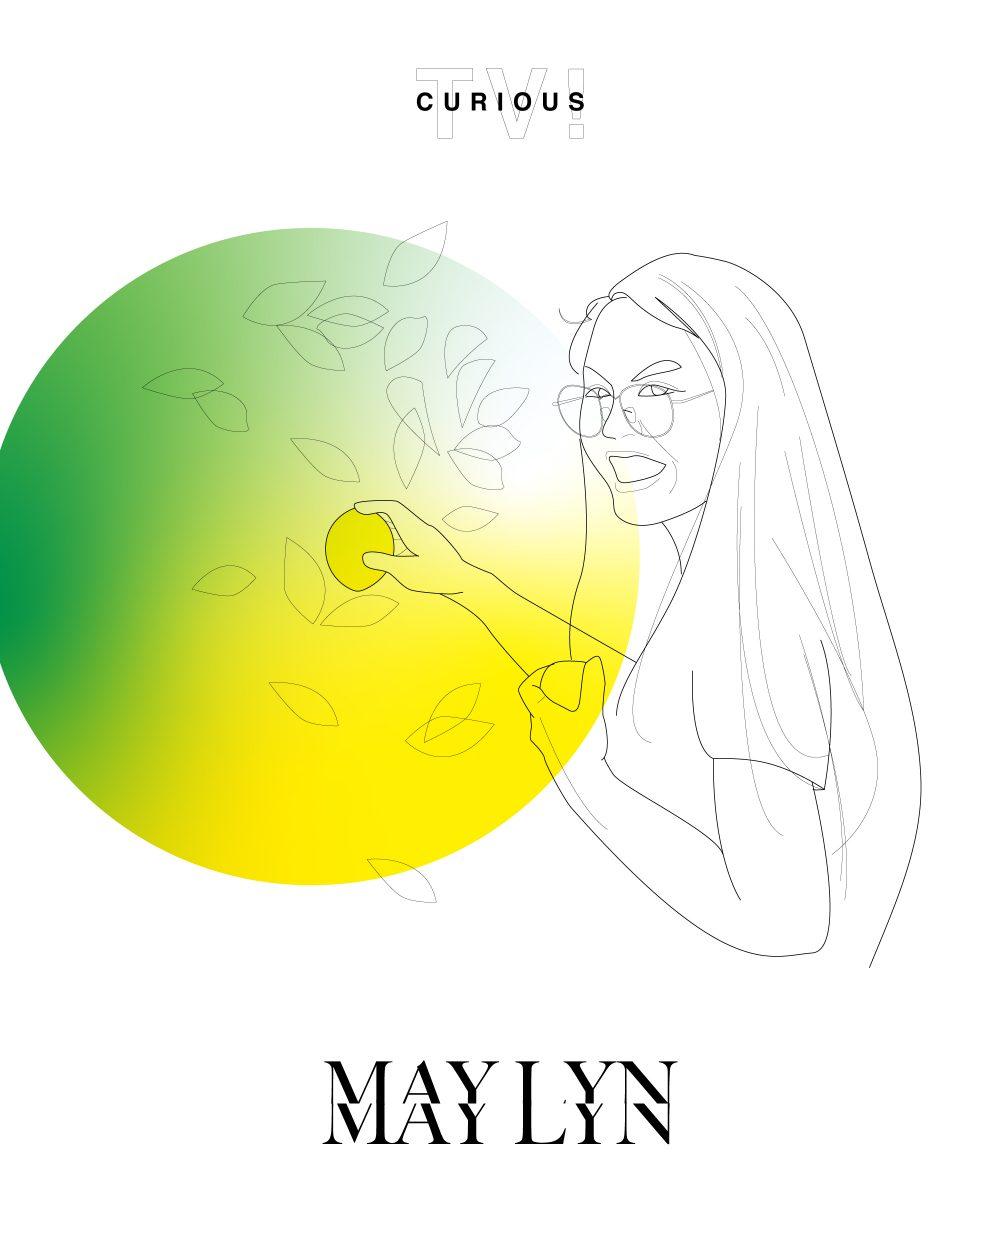 MAY-LYN